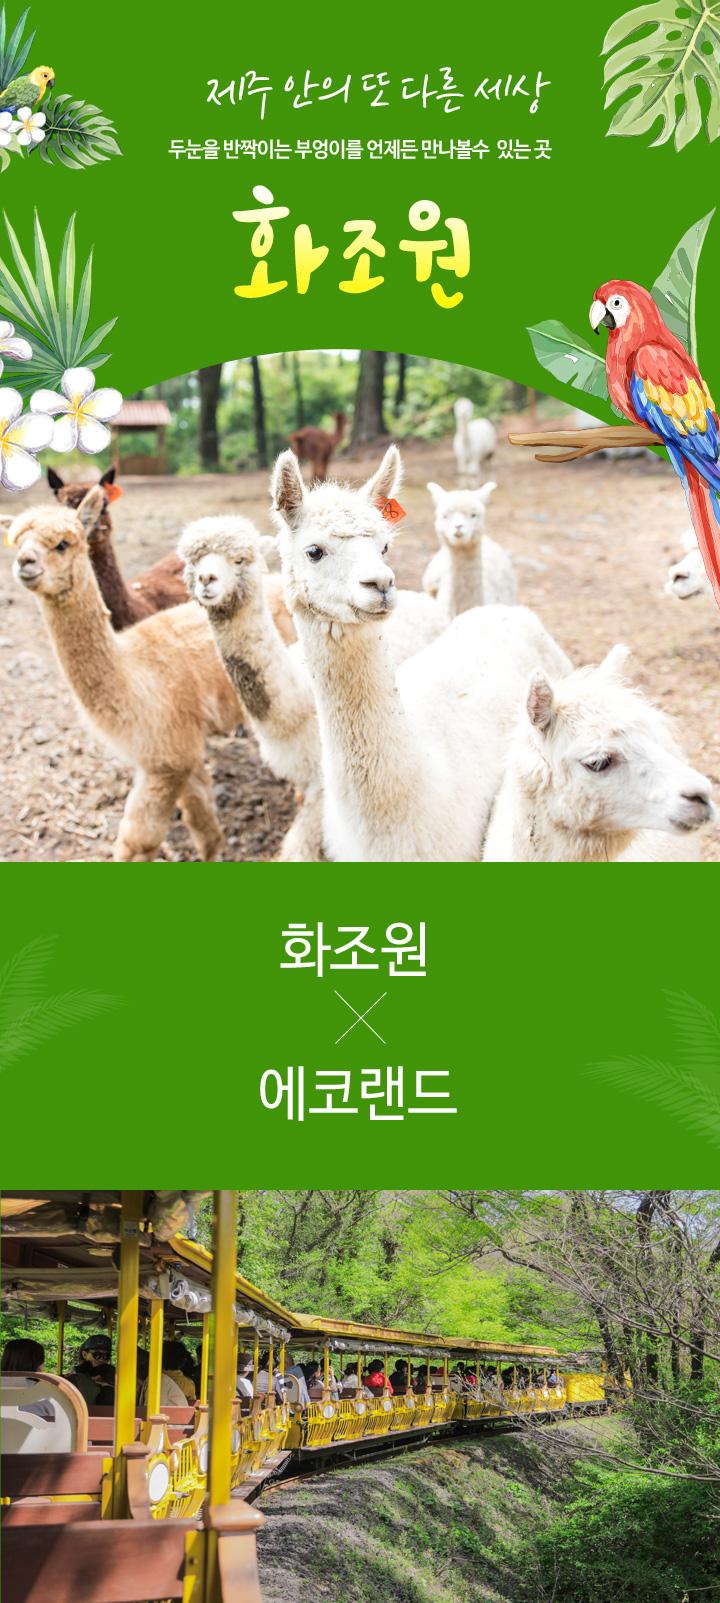 화조원+에코랜드_상.jpg